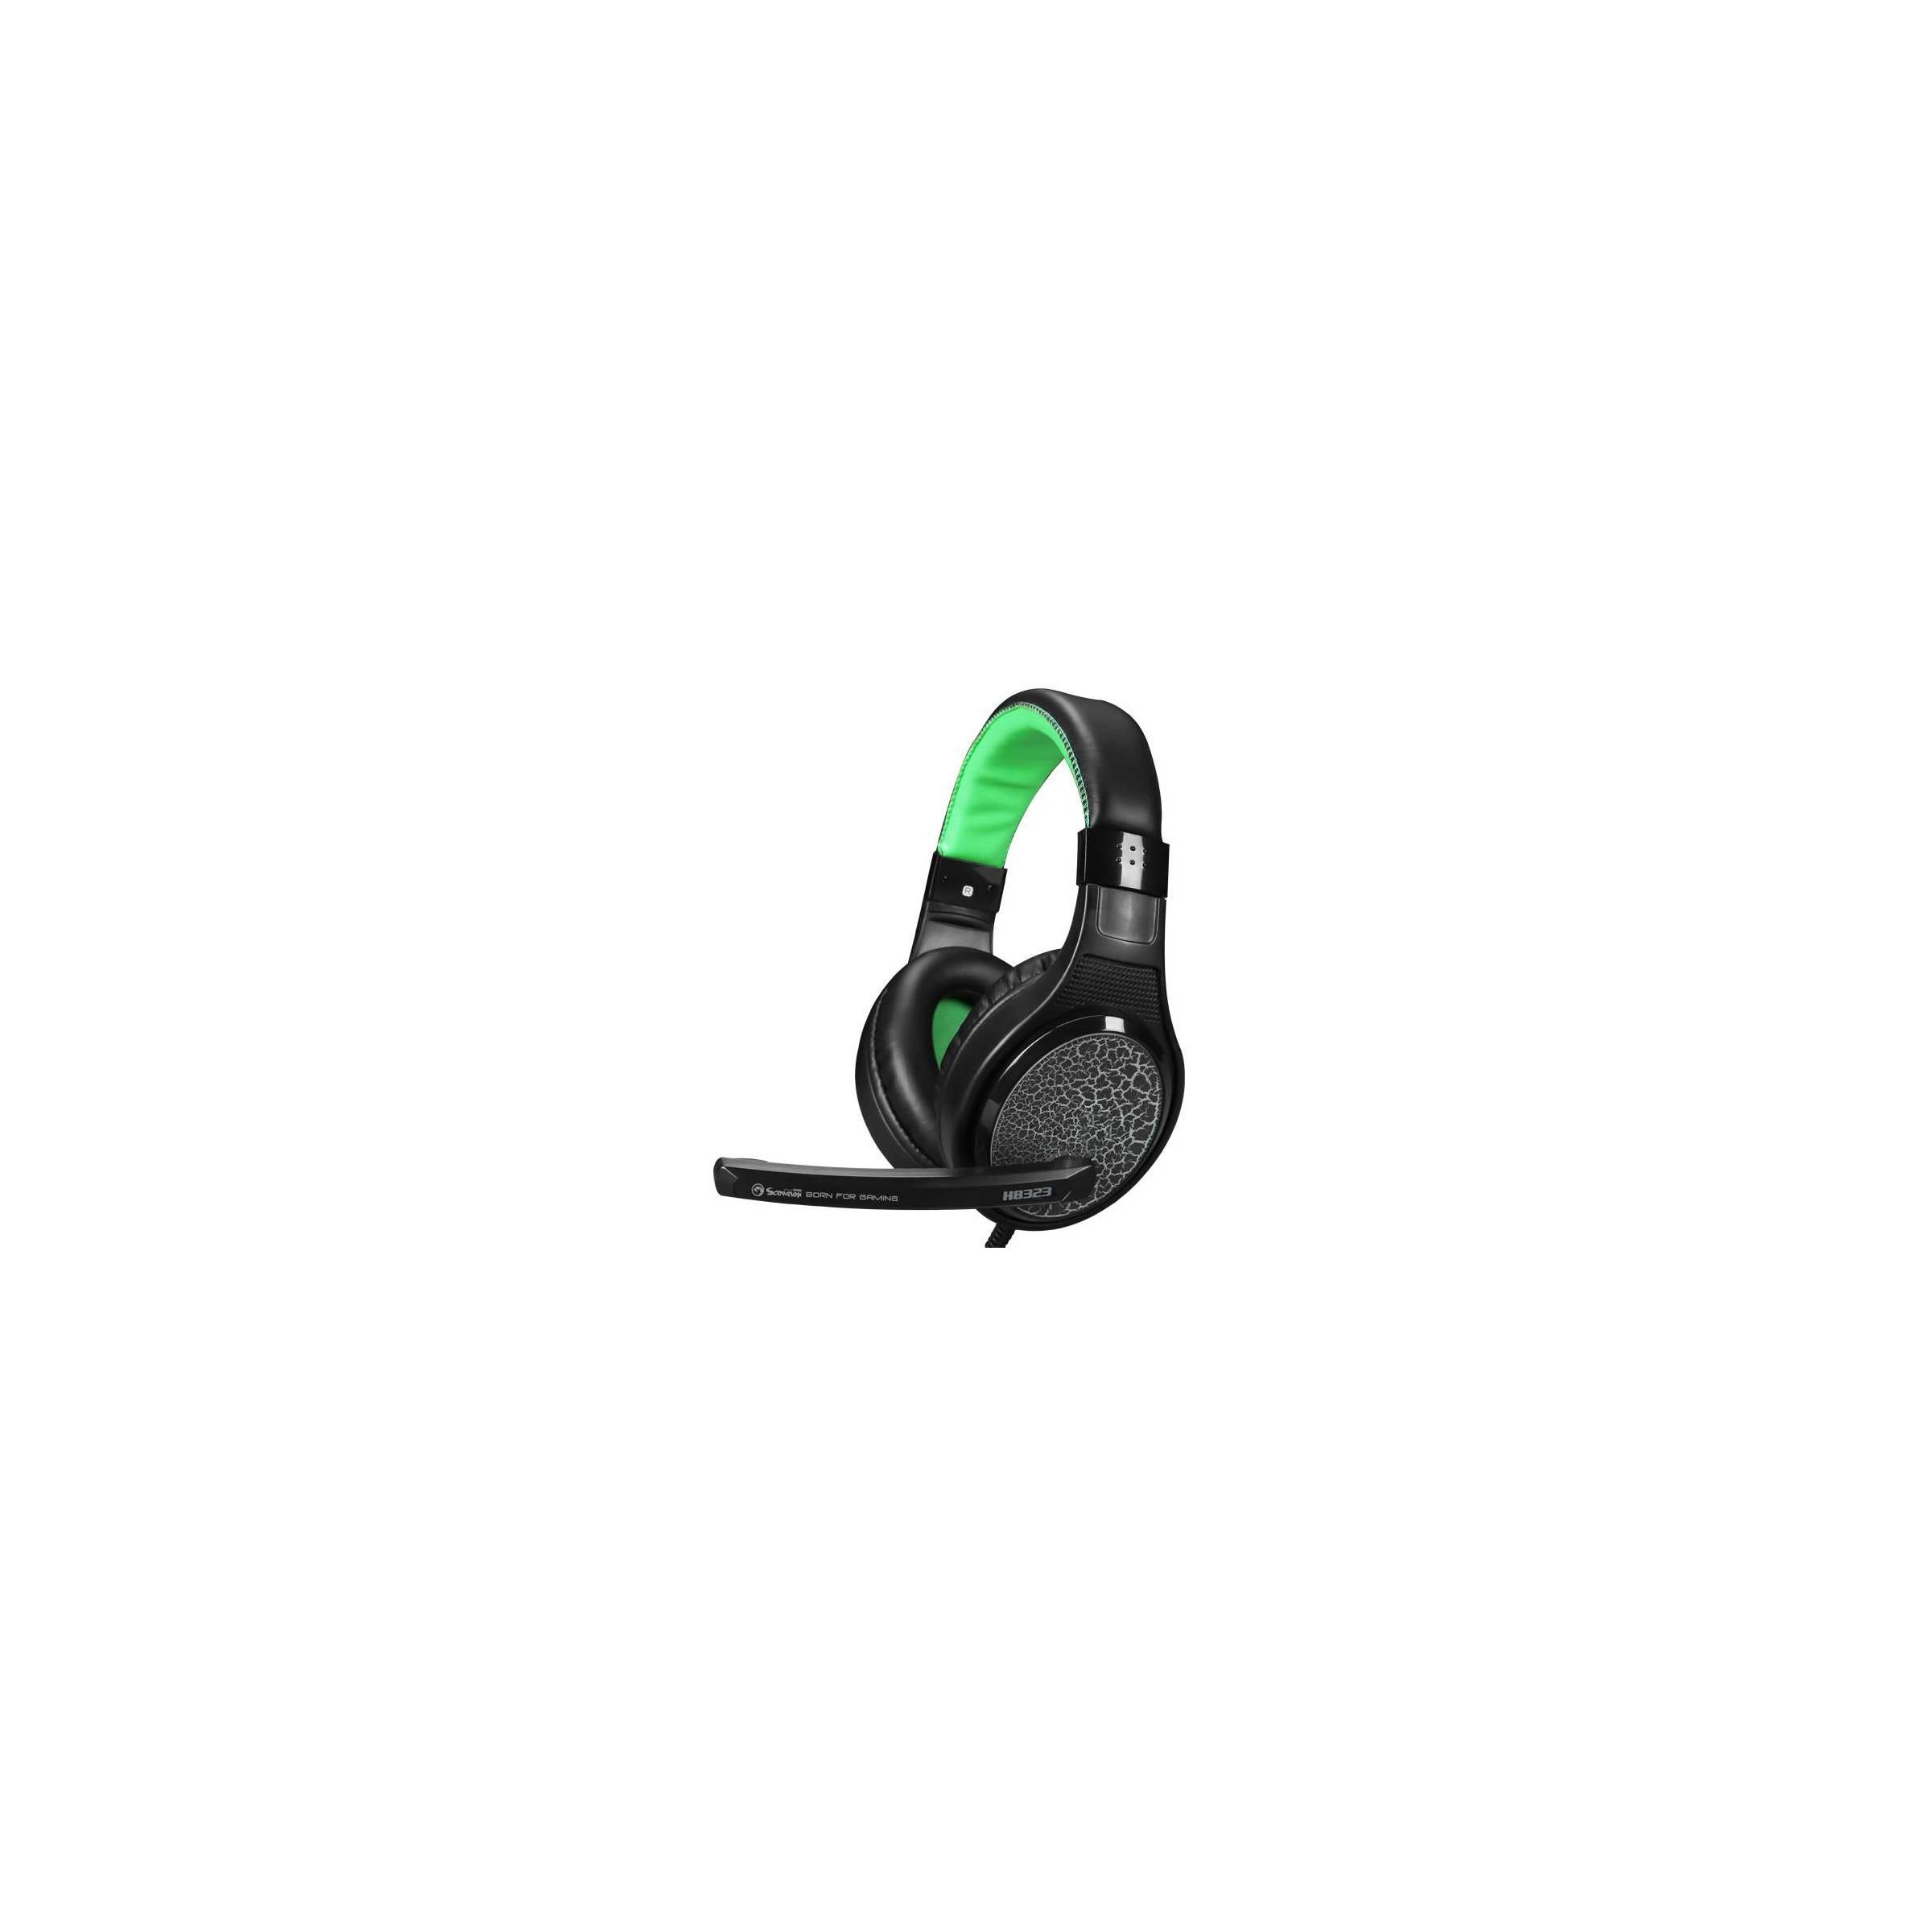 scorpion by marvo – Scorpion h8323 gaming headset sort og grøn med mic på mackabler.dk